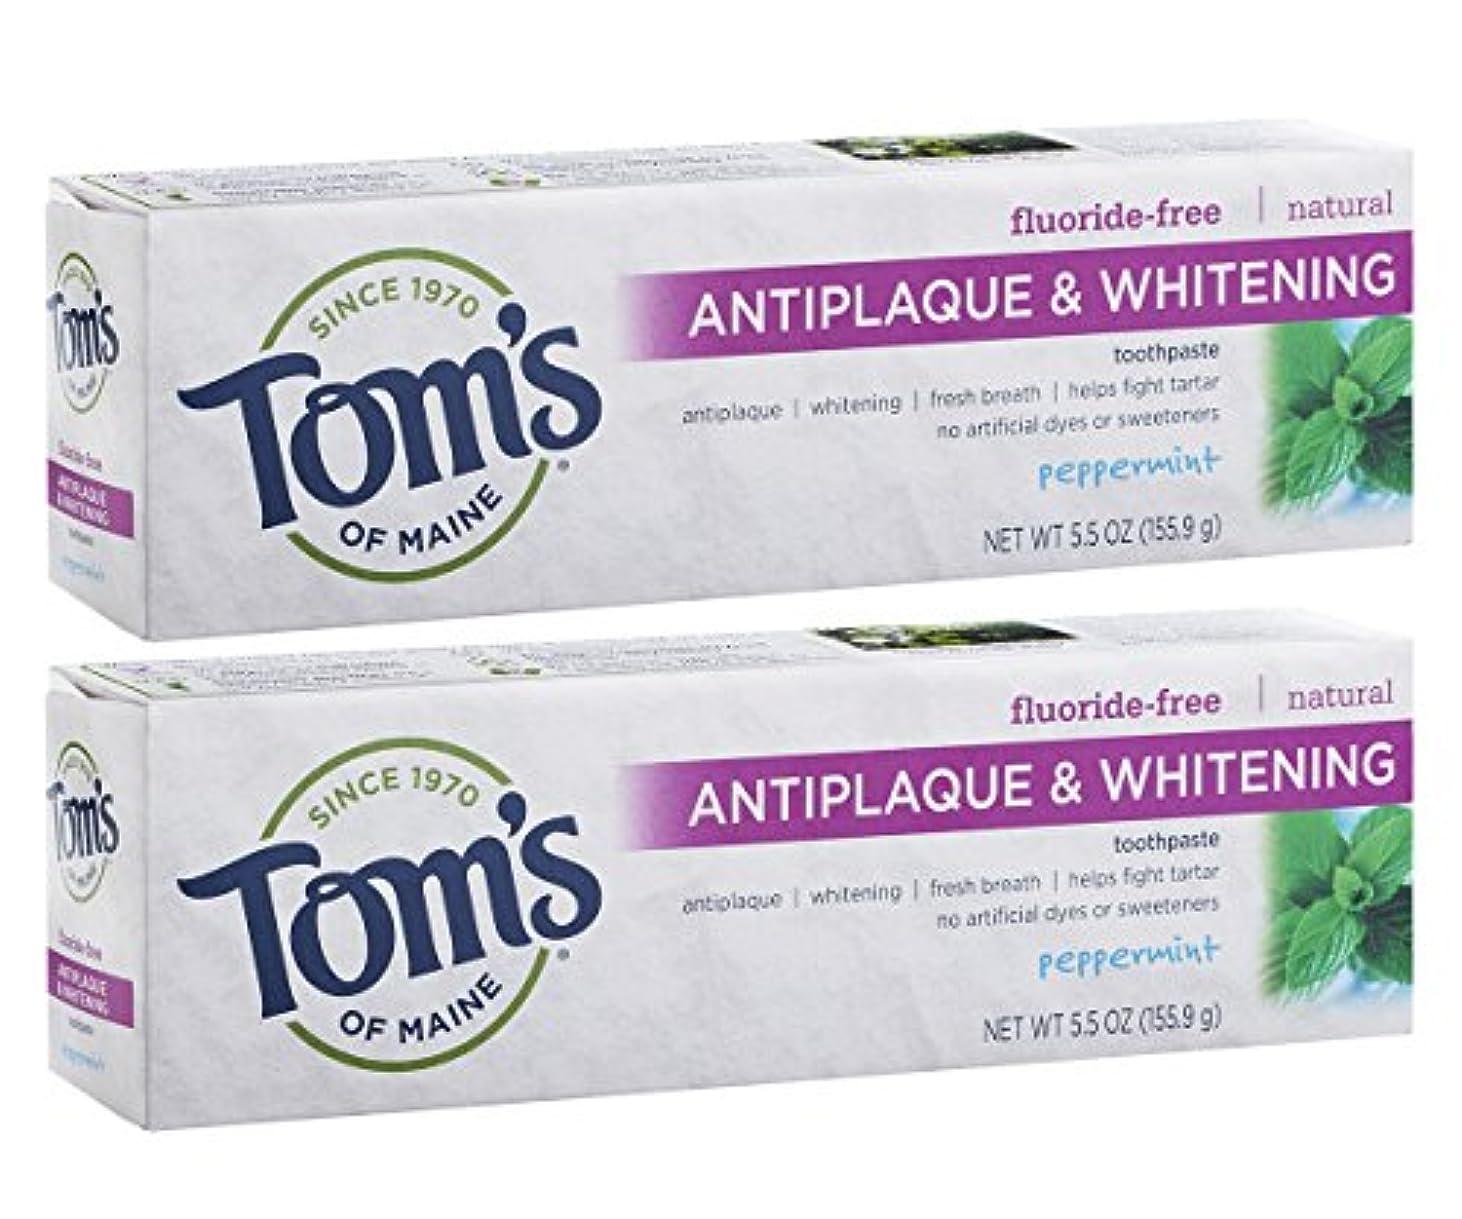 エージェント主張確かにTom's of Maine Antiplaque And Whitening Fluoride-Free Toothpaste, Peppermint, 5.5-Ounce by Tom's of Maine